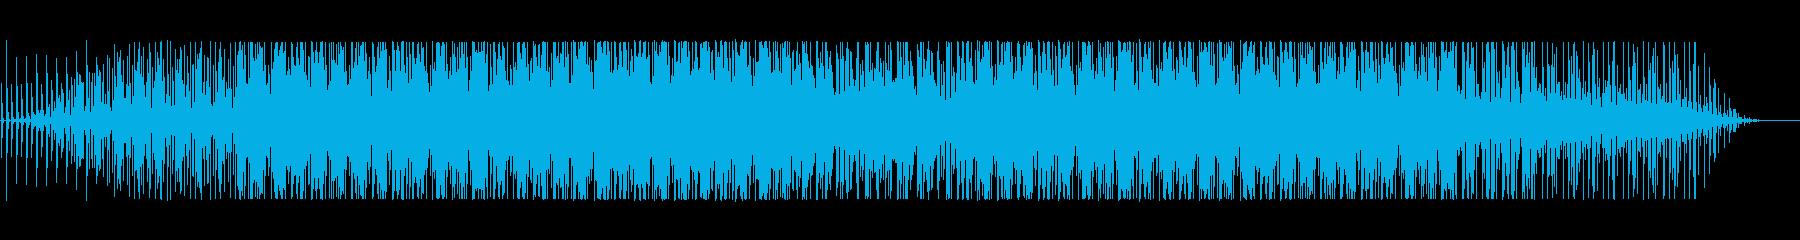 実験音楽的なスローな四つ打ちの再生済みの波形